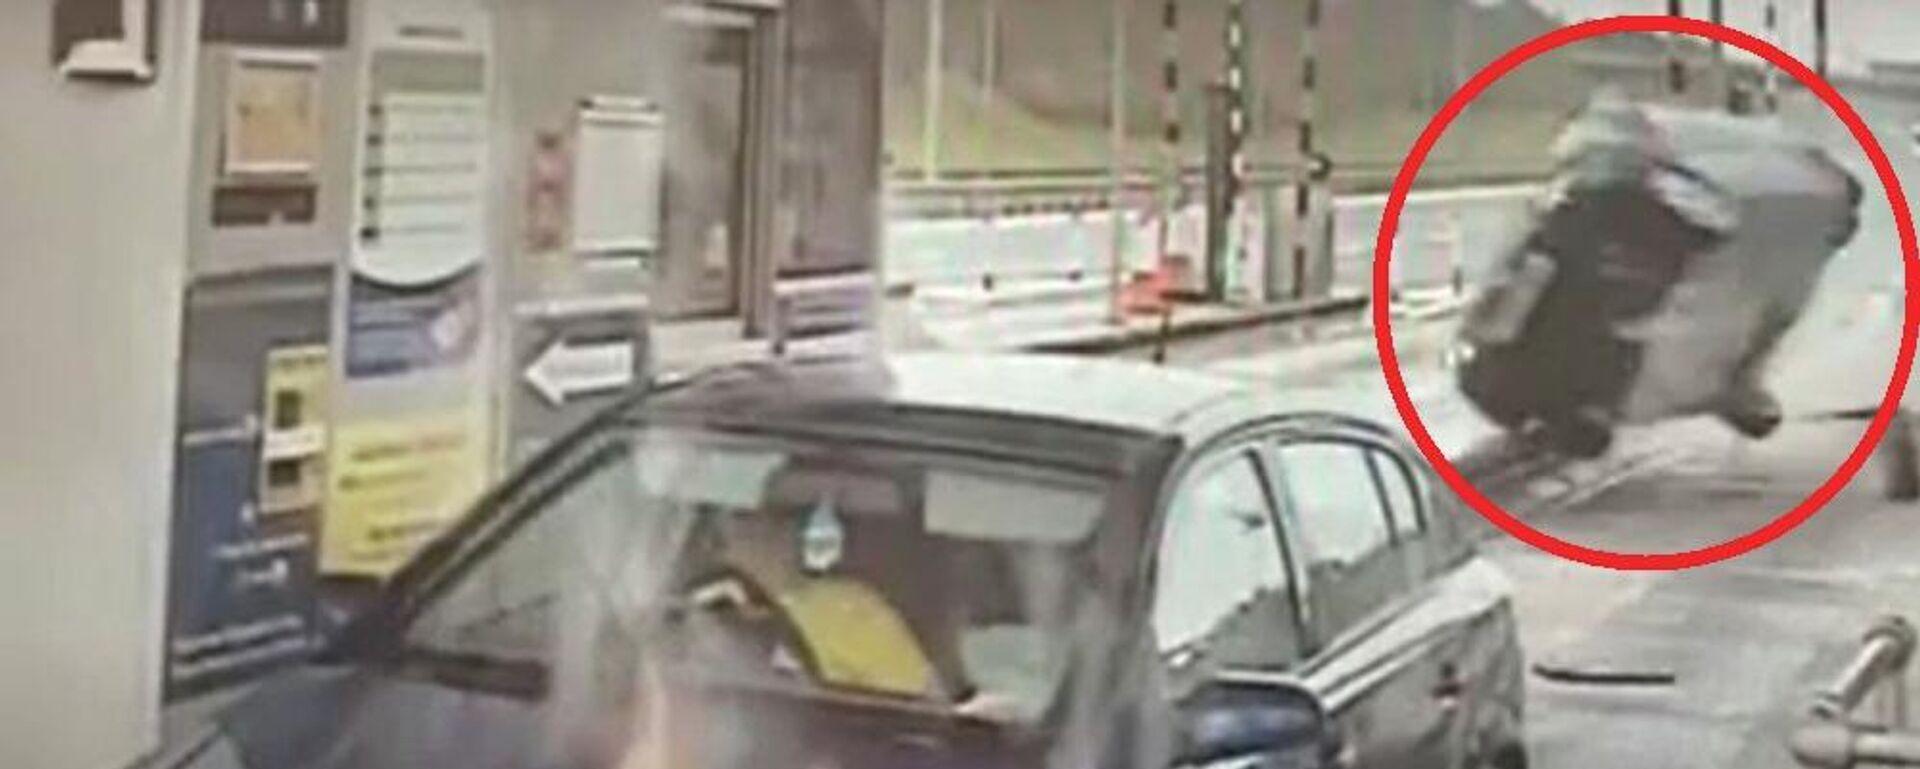 Η στιγμή που μαστουρωμένος οδηγός πέφτει επάνω σε αμάξι σταματημένο στα διόδια - Sputnik Ελλάδα, 1920, 01.10.2021